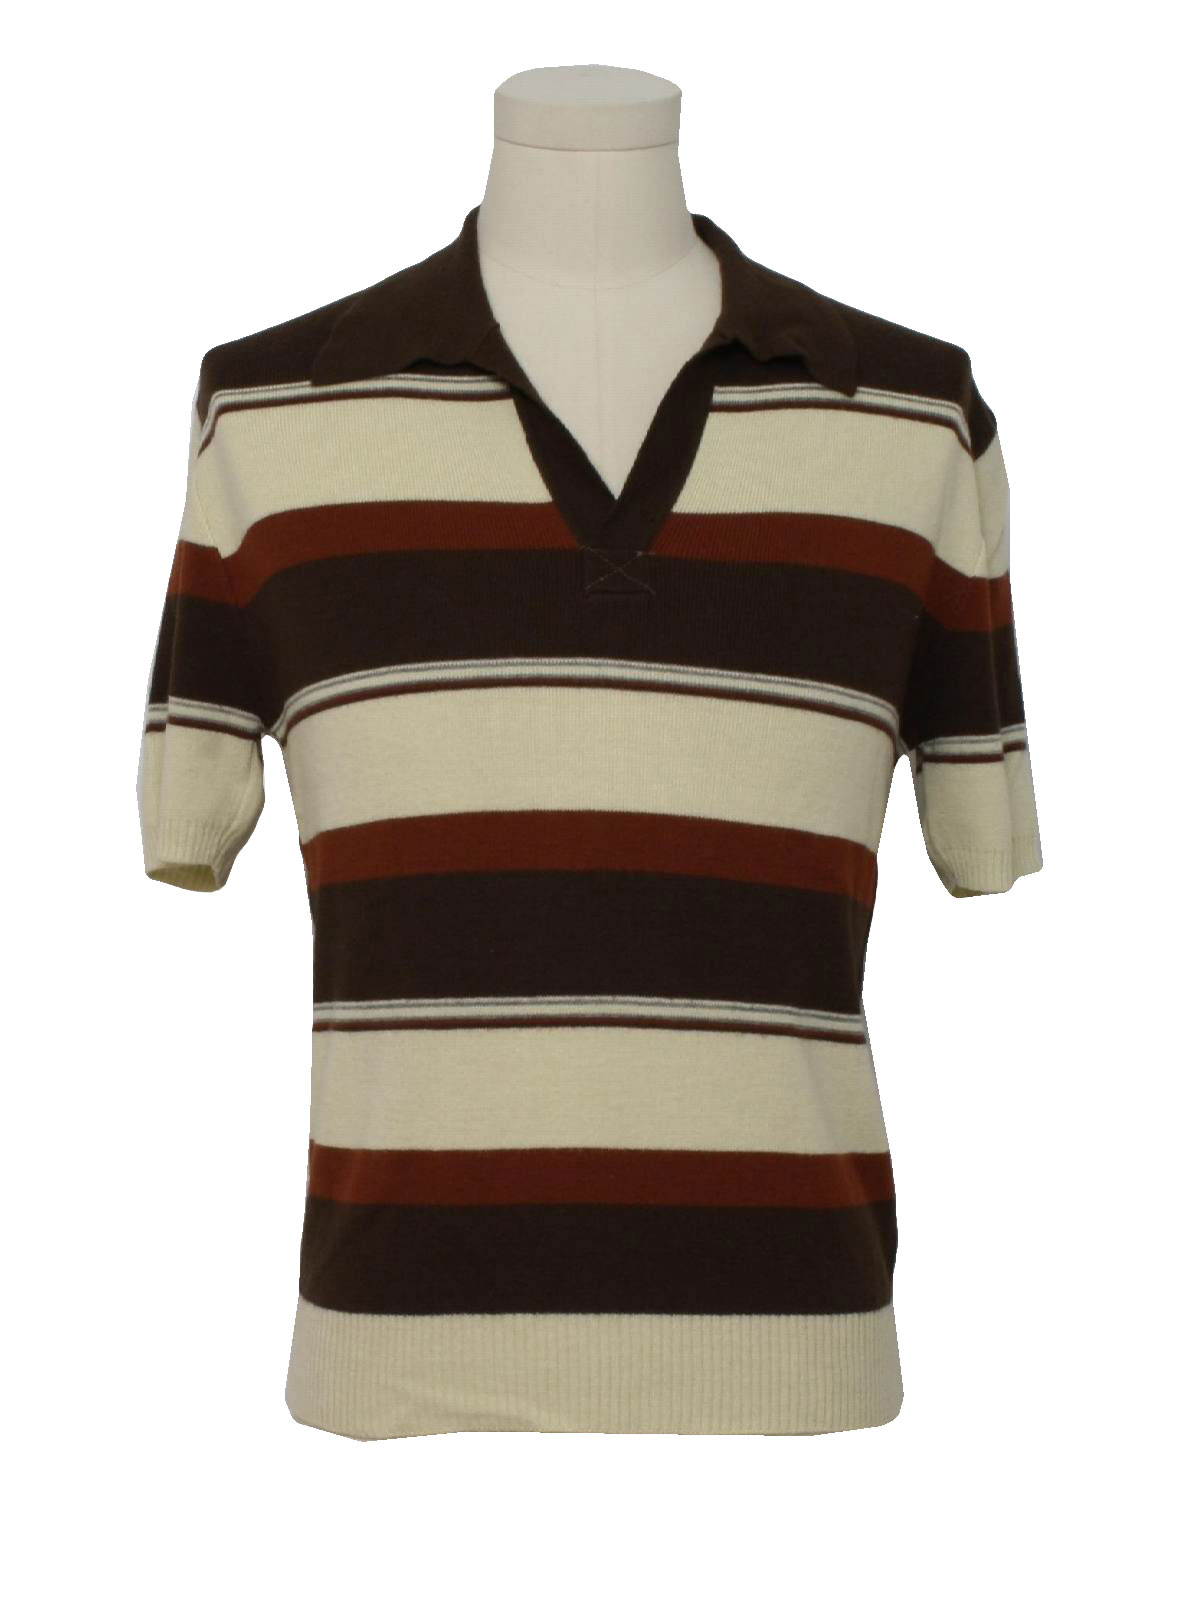 70s Knit Shirts